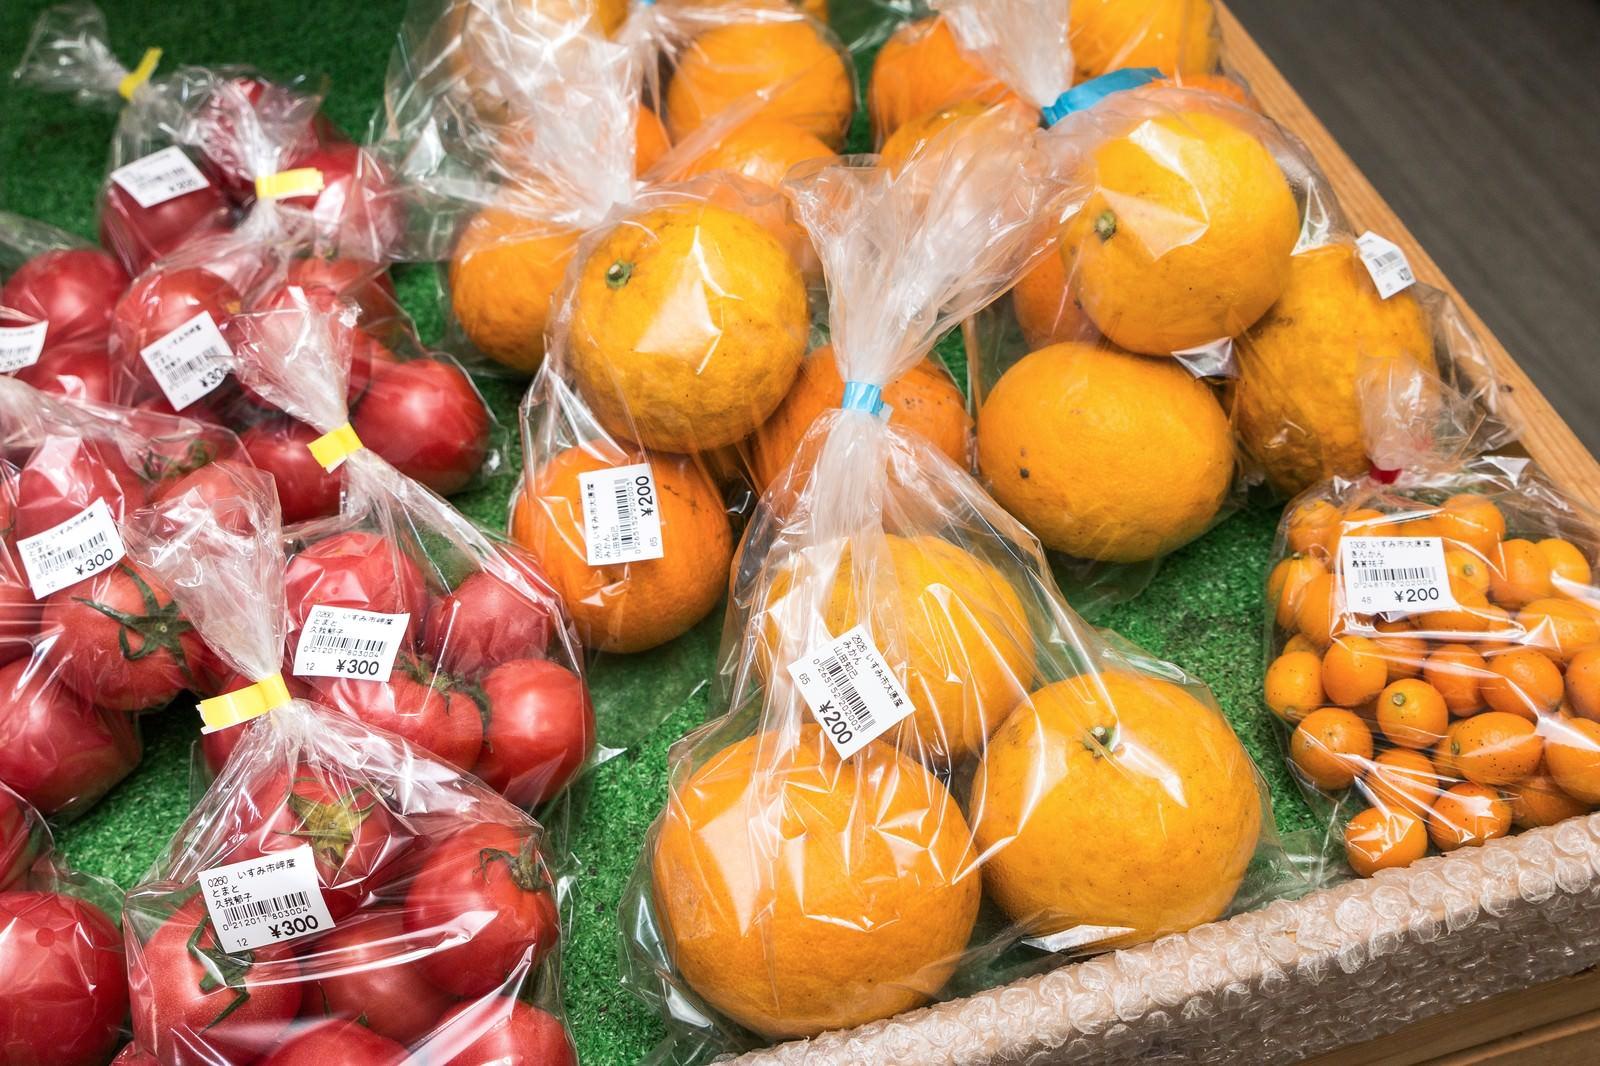 「採れたてのいすみ市大原産のミニトマトとみかん採れたてのいすみ市大原産のミニトマトとみかん」のフリー写真素材を拡大